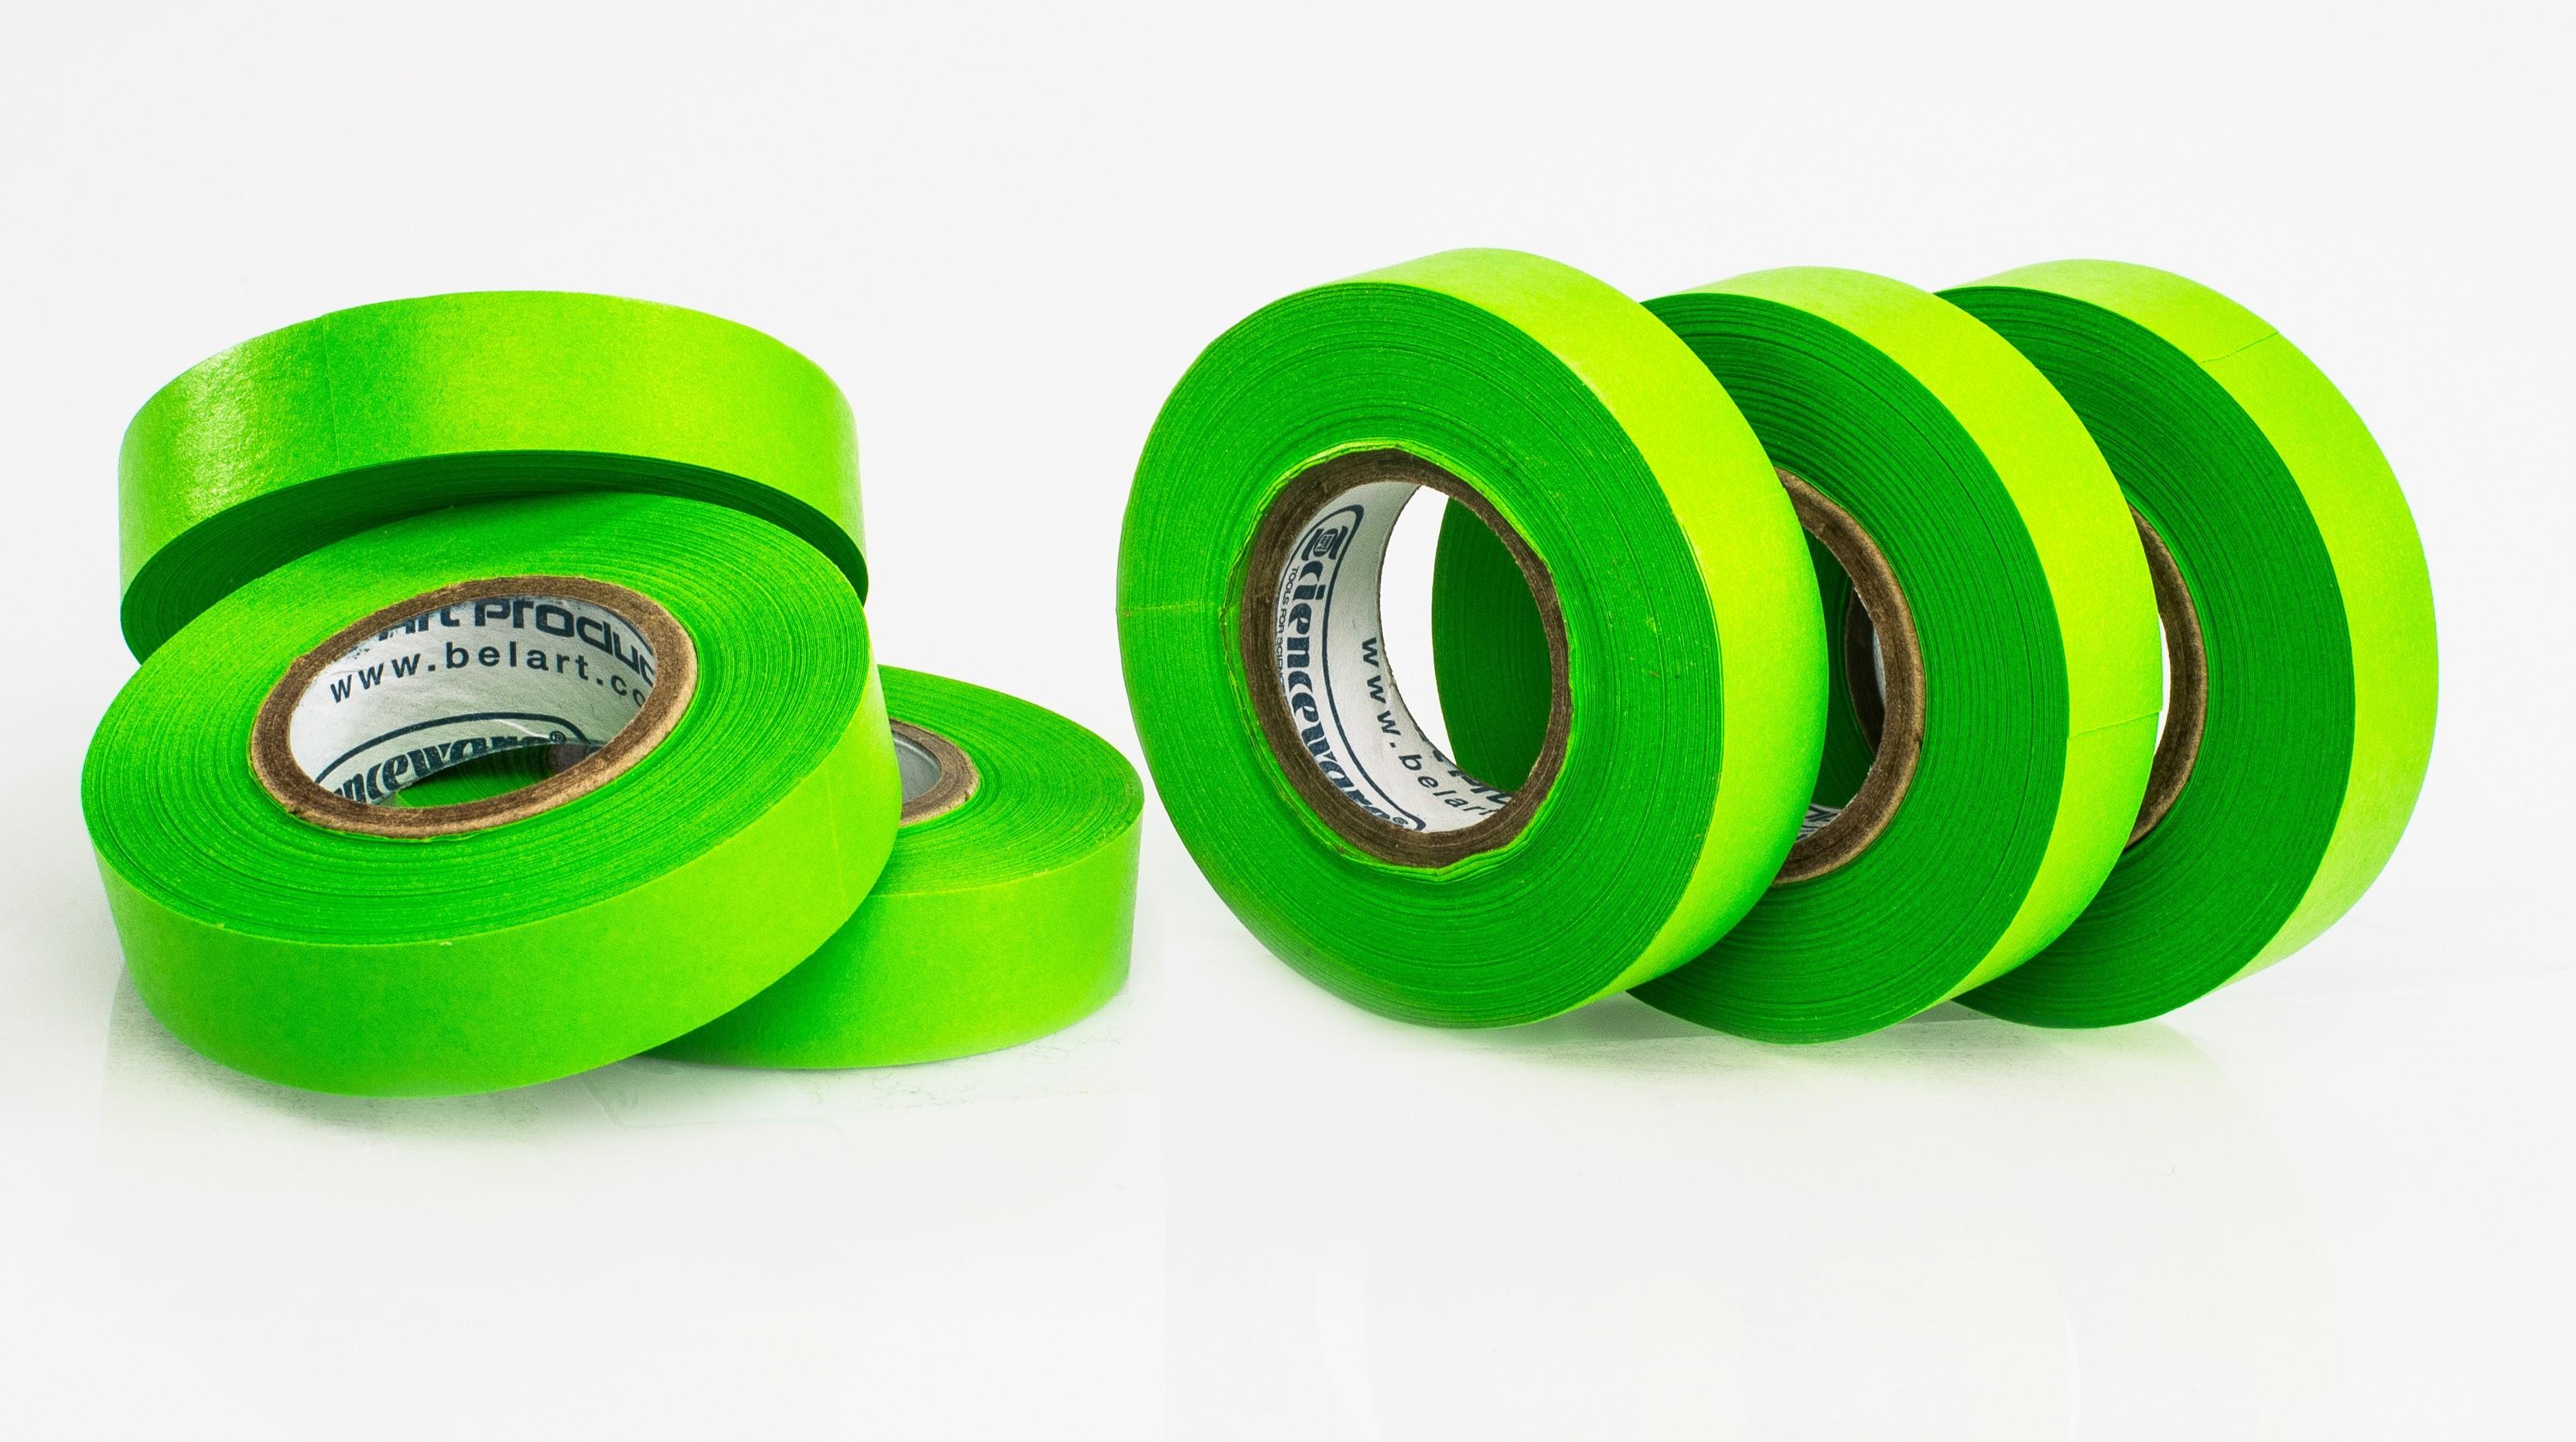 SP Bel-Art Write-On Green Label Tape; 15yd Length, ¹/₂ in. Width, 1 in. Core (Pack of 6)